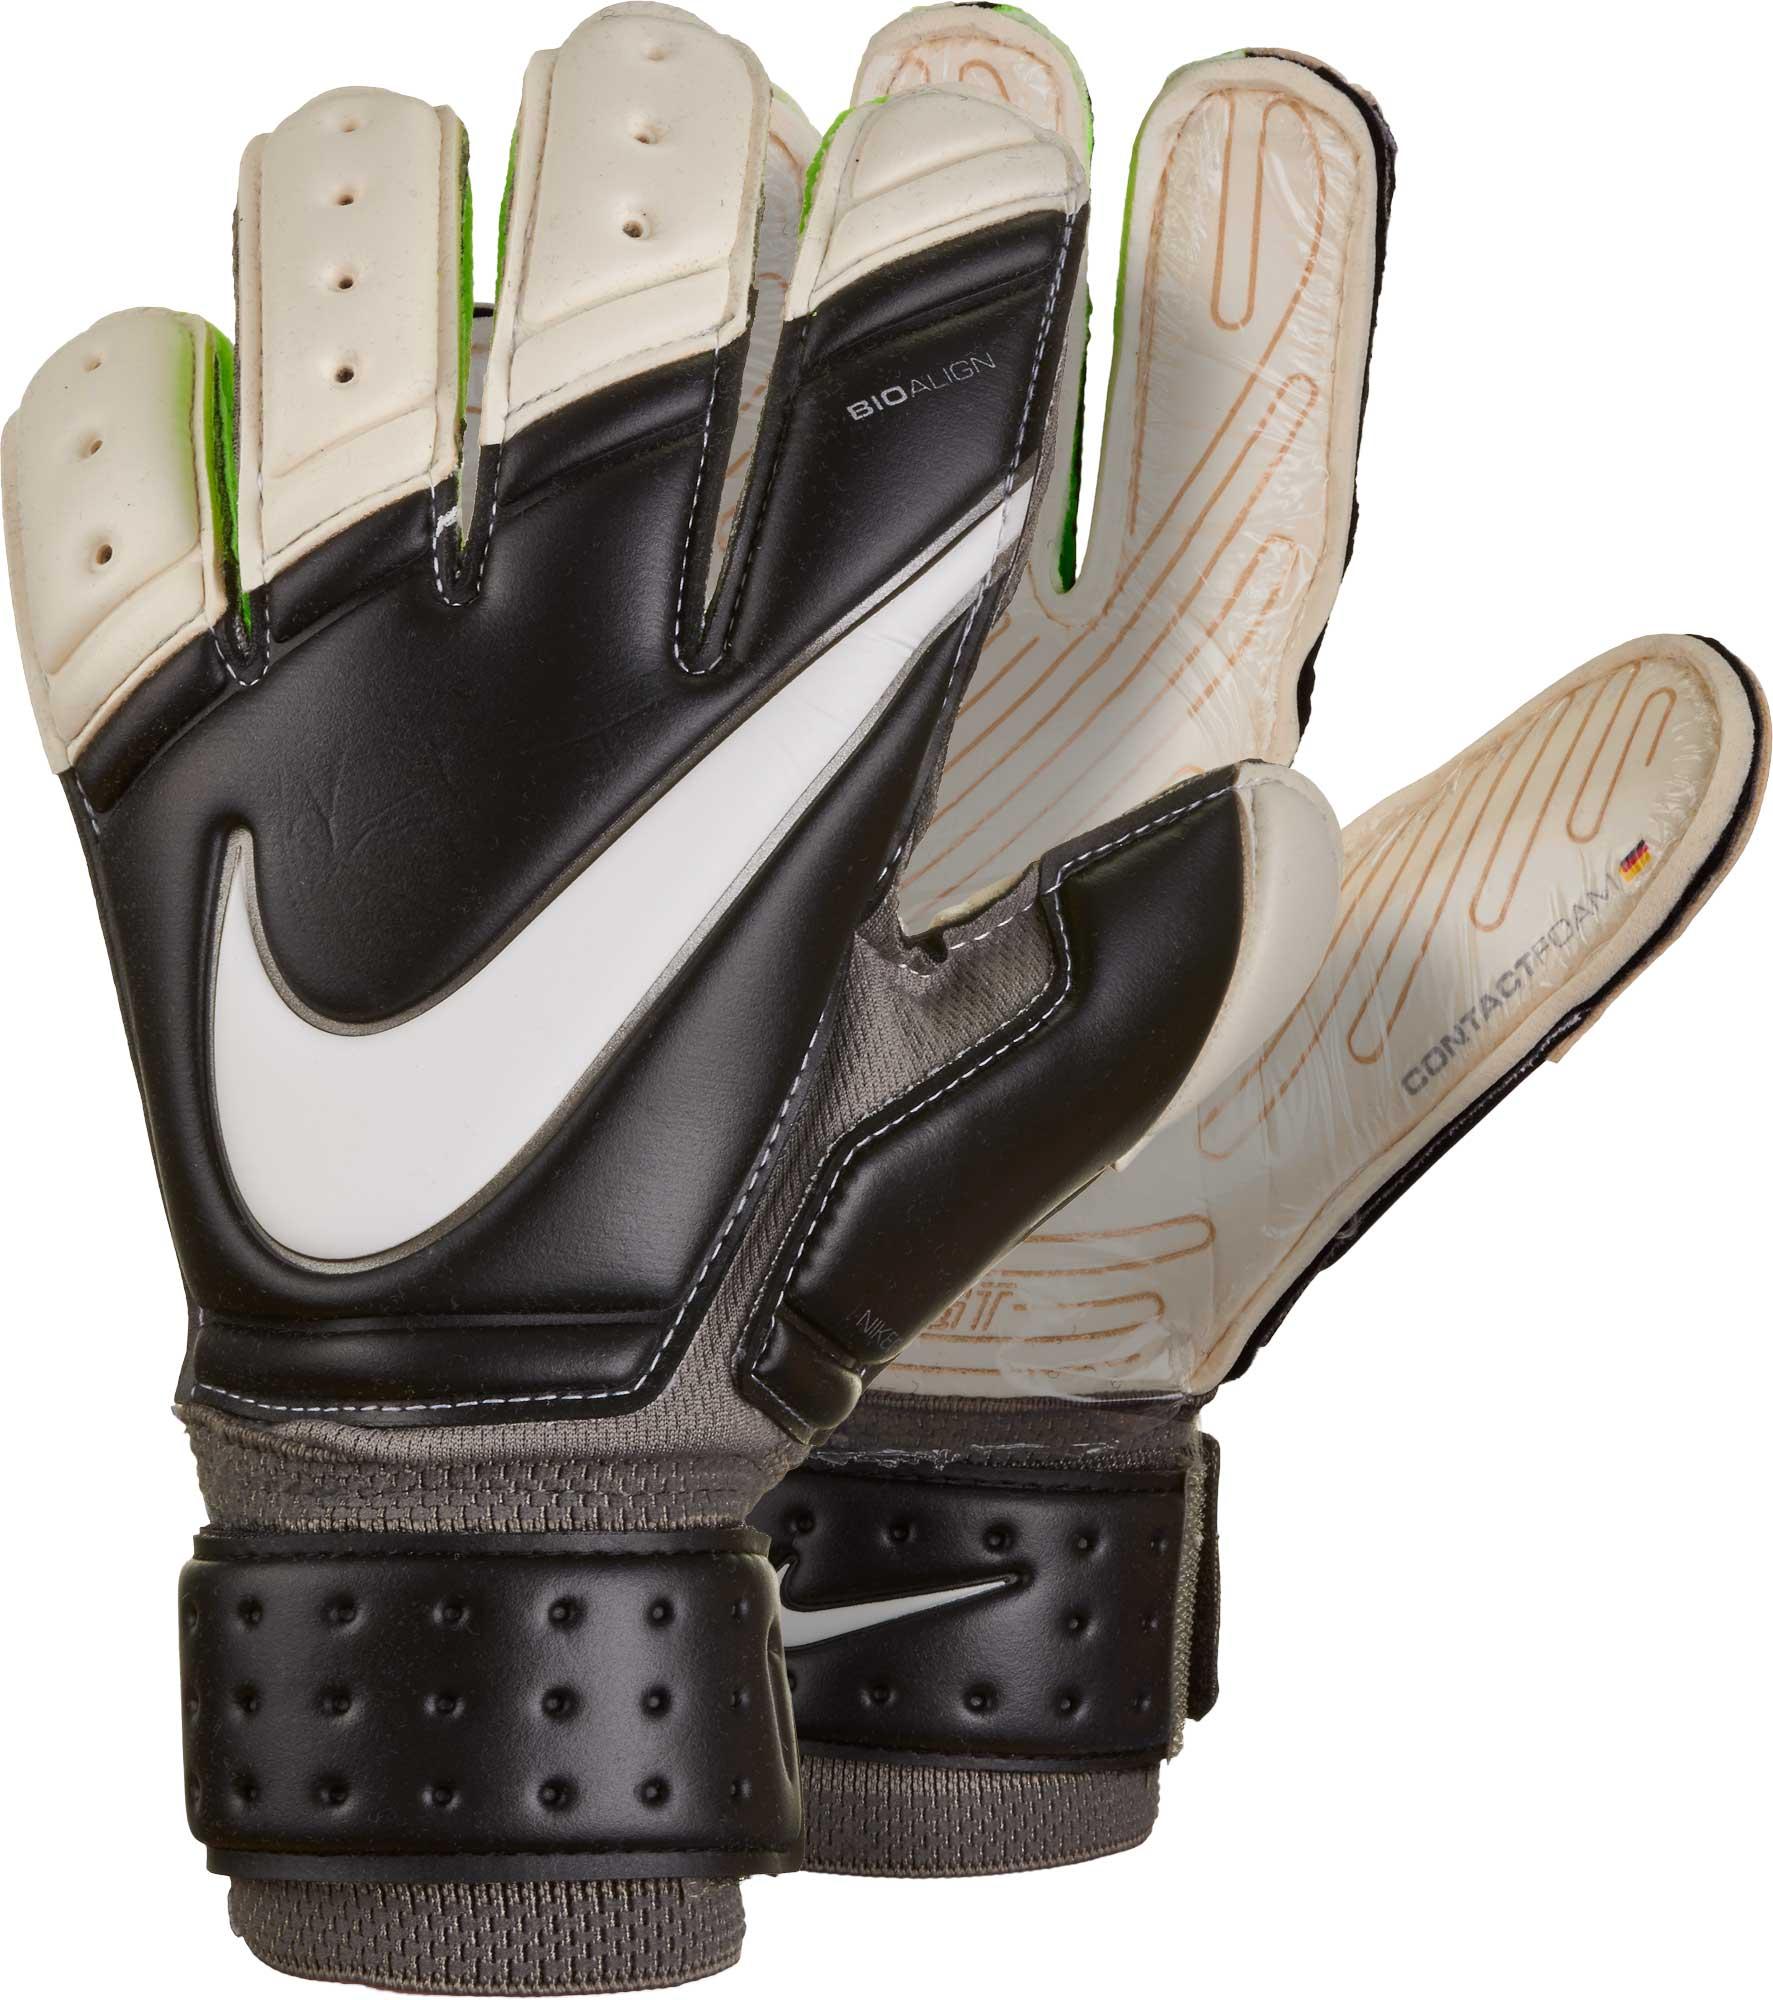 688024dfd7c5 Nike Premier SGT Goalkeeper Gloves - Black/White - Soccer Master